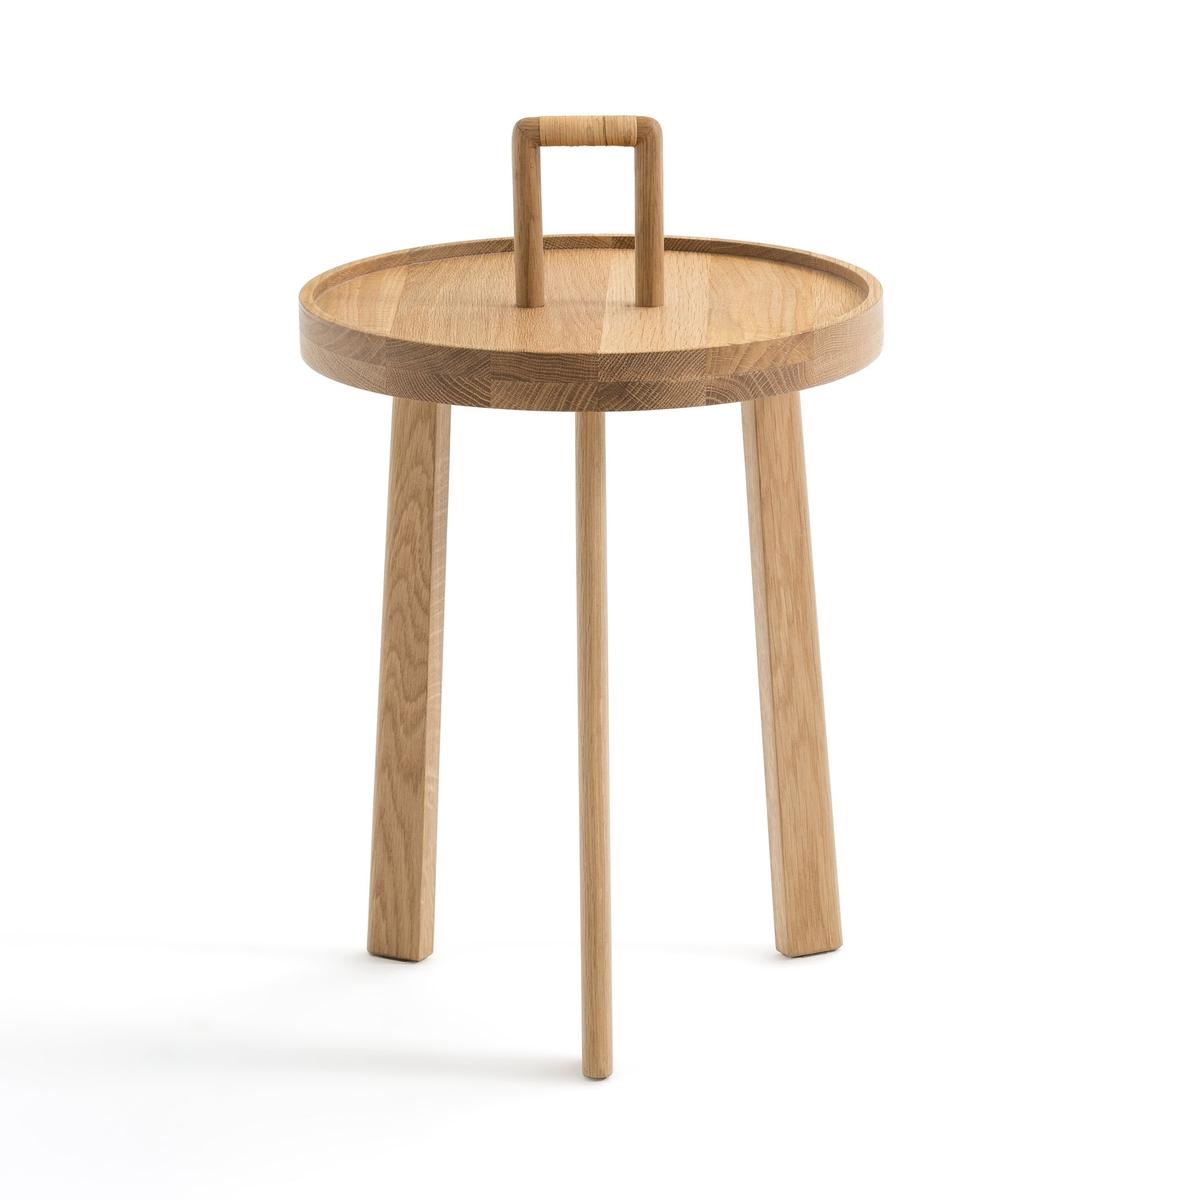 Столик La Redoute Для изголовья из массива дуба Achille единый размер каштановый столик la redoute журнальный из массива дуба bregnac единый размер каштановый